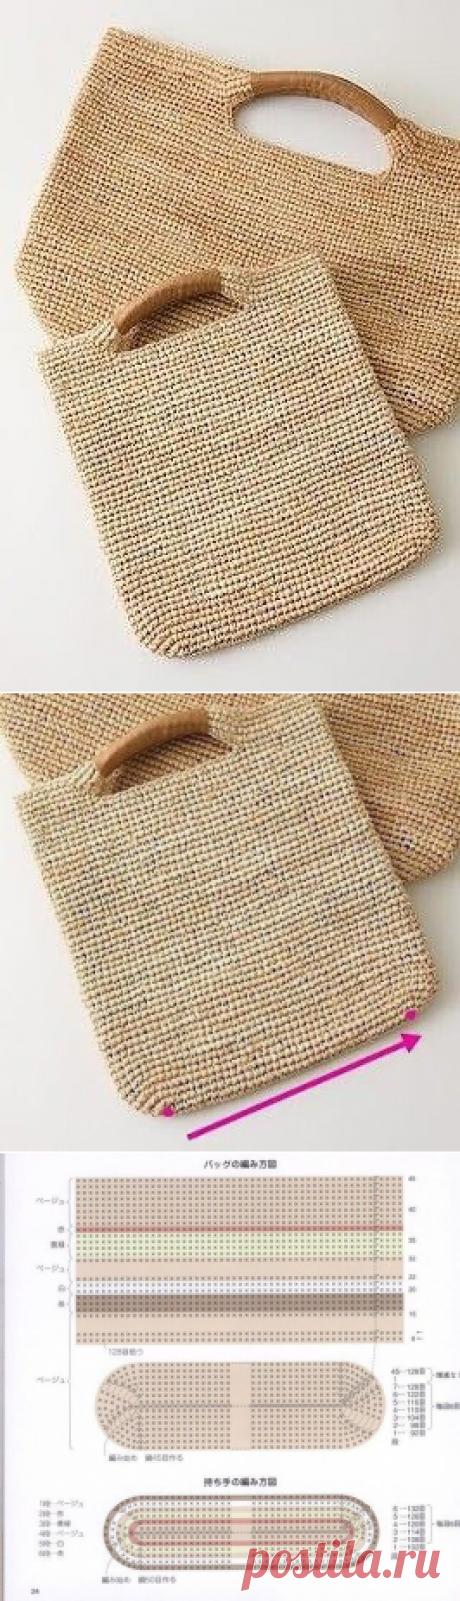 Вяжем сумочку крючком